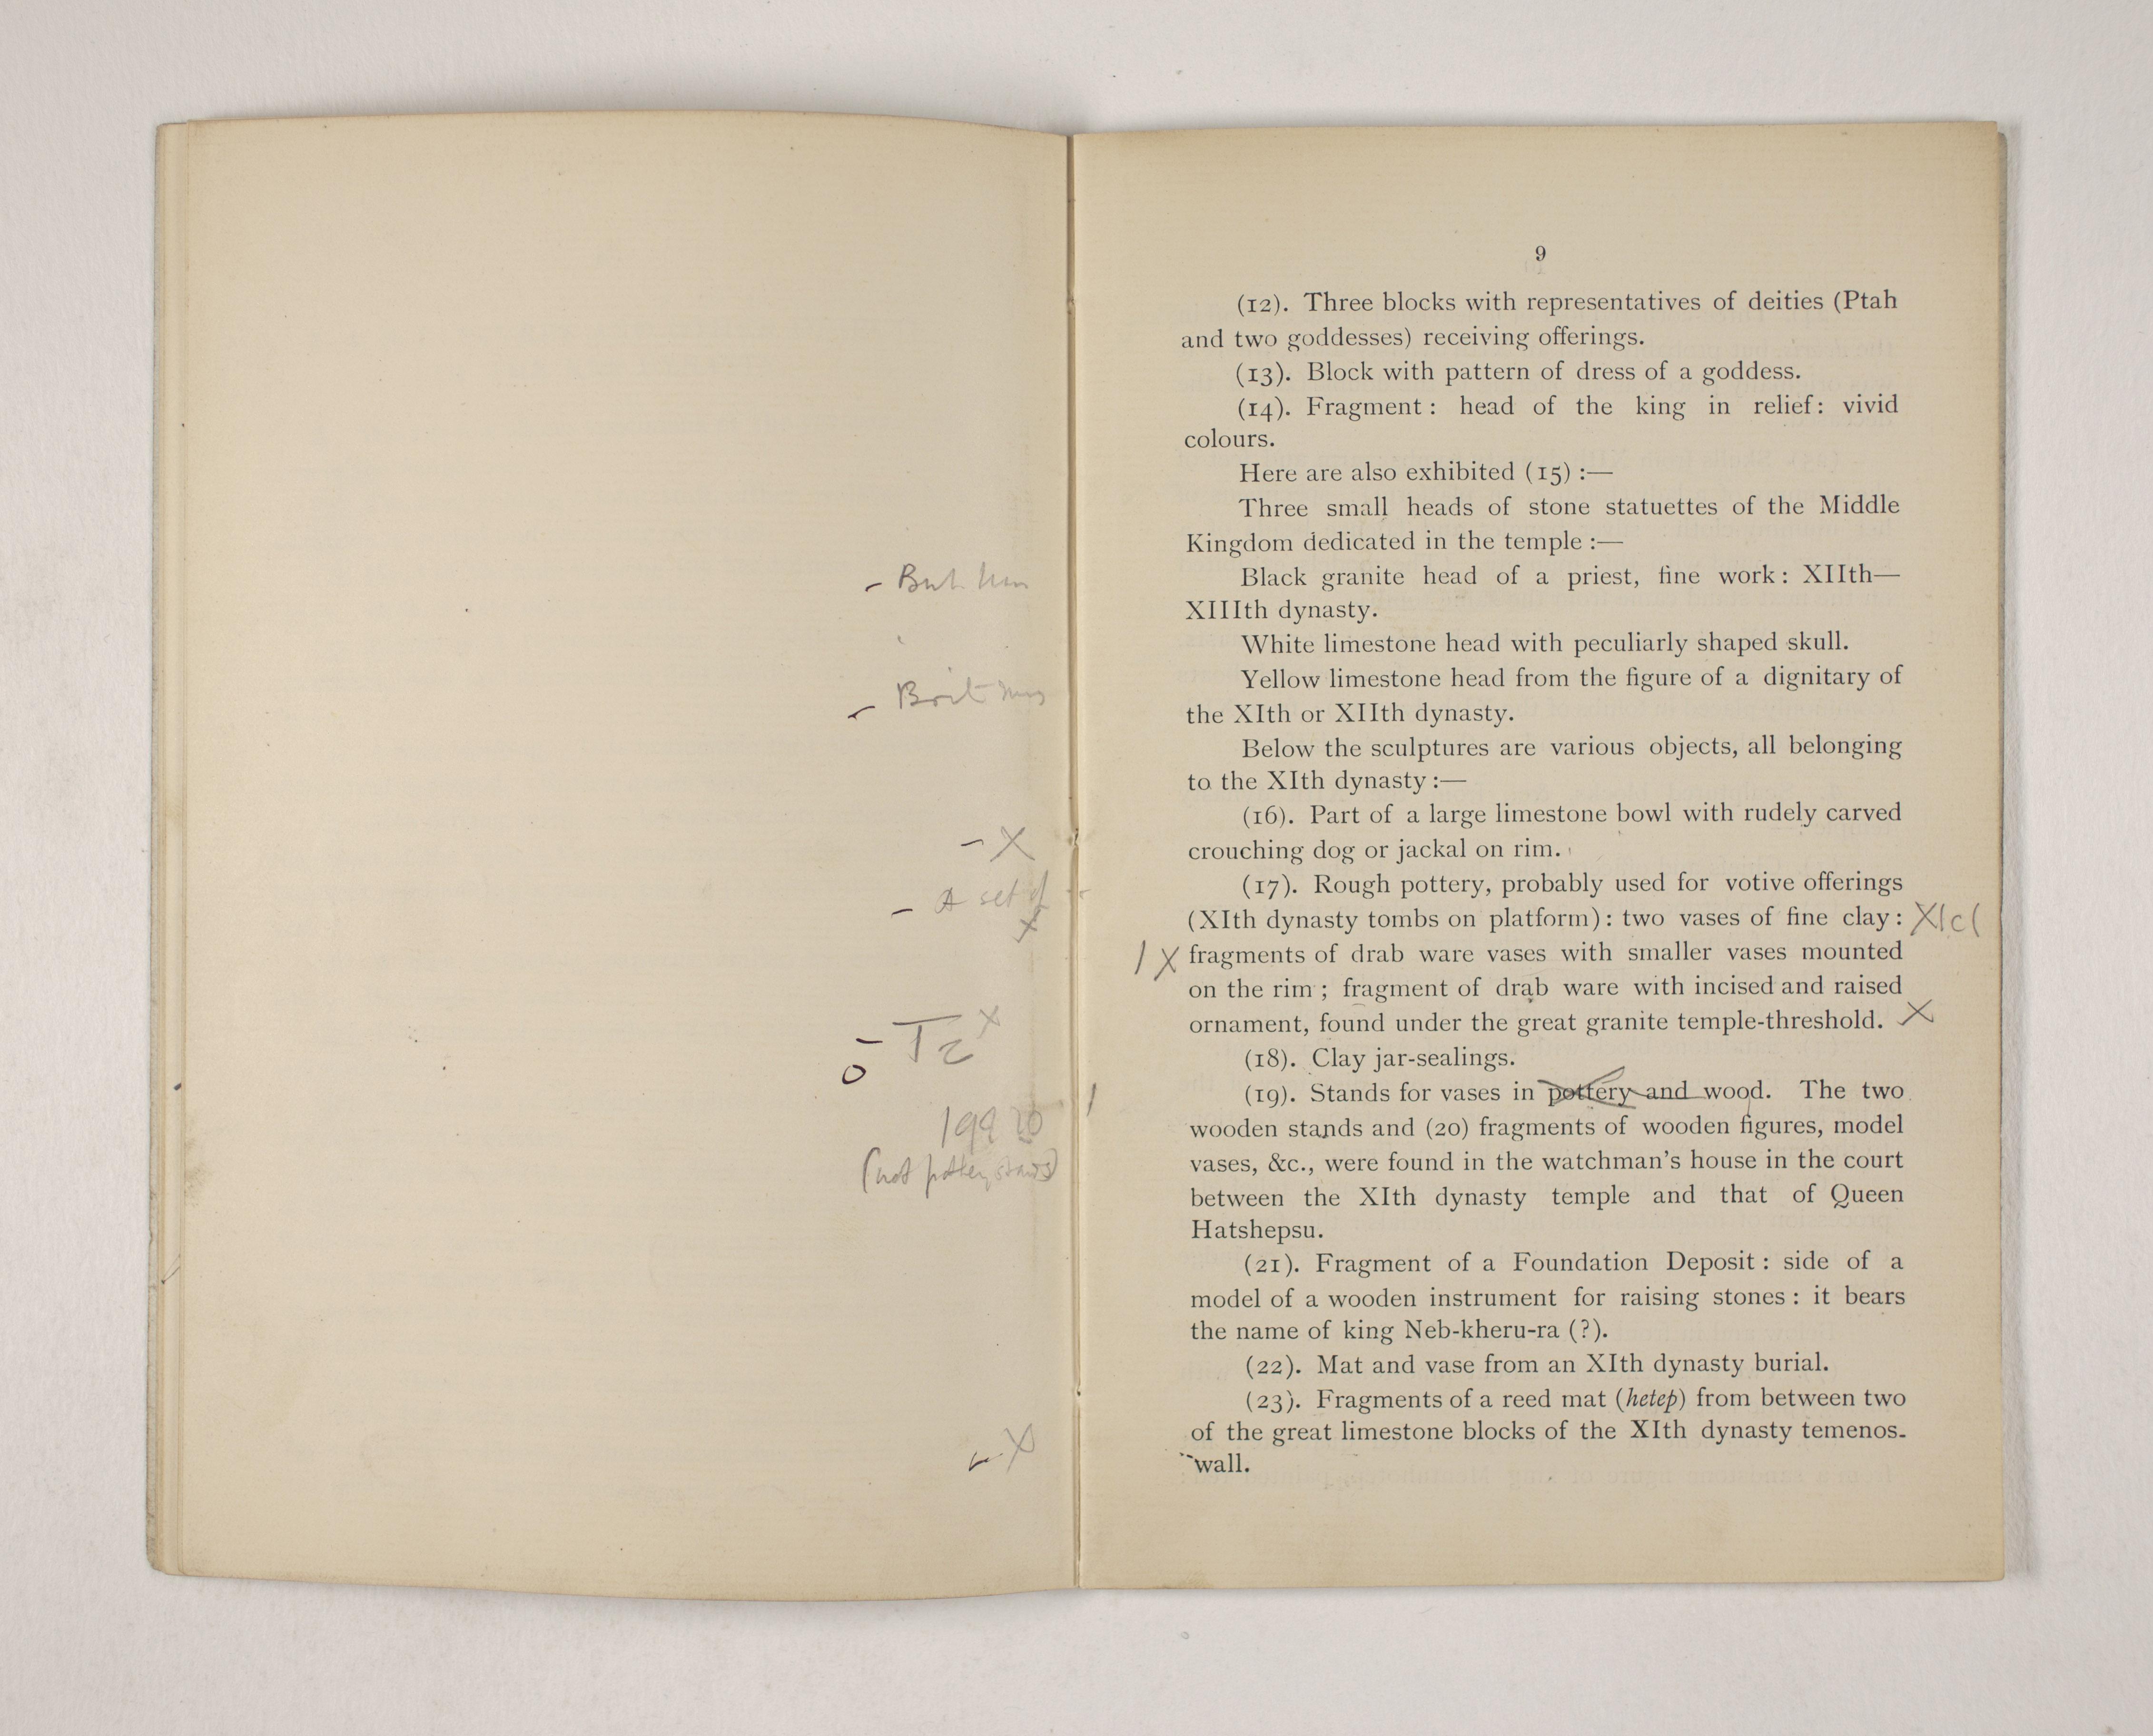 1903-04 Abydos, Ihnasya, Tell el-Fara'in, Saqqara, Gurob, Deir el-Bahri, Oxyrhynchus Exhibition Catalogue PMA/WFP1/D/12/12.11